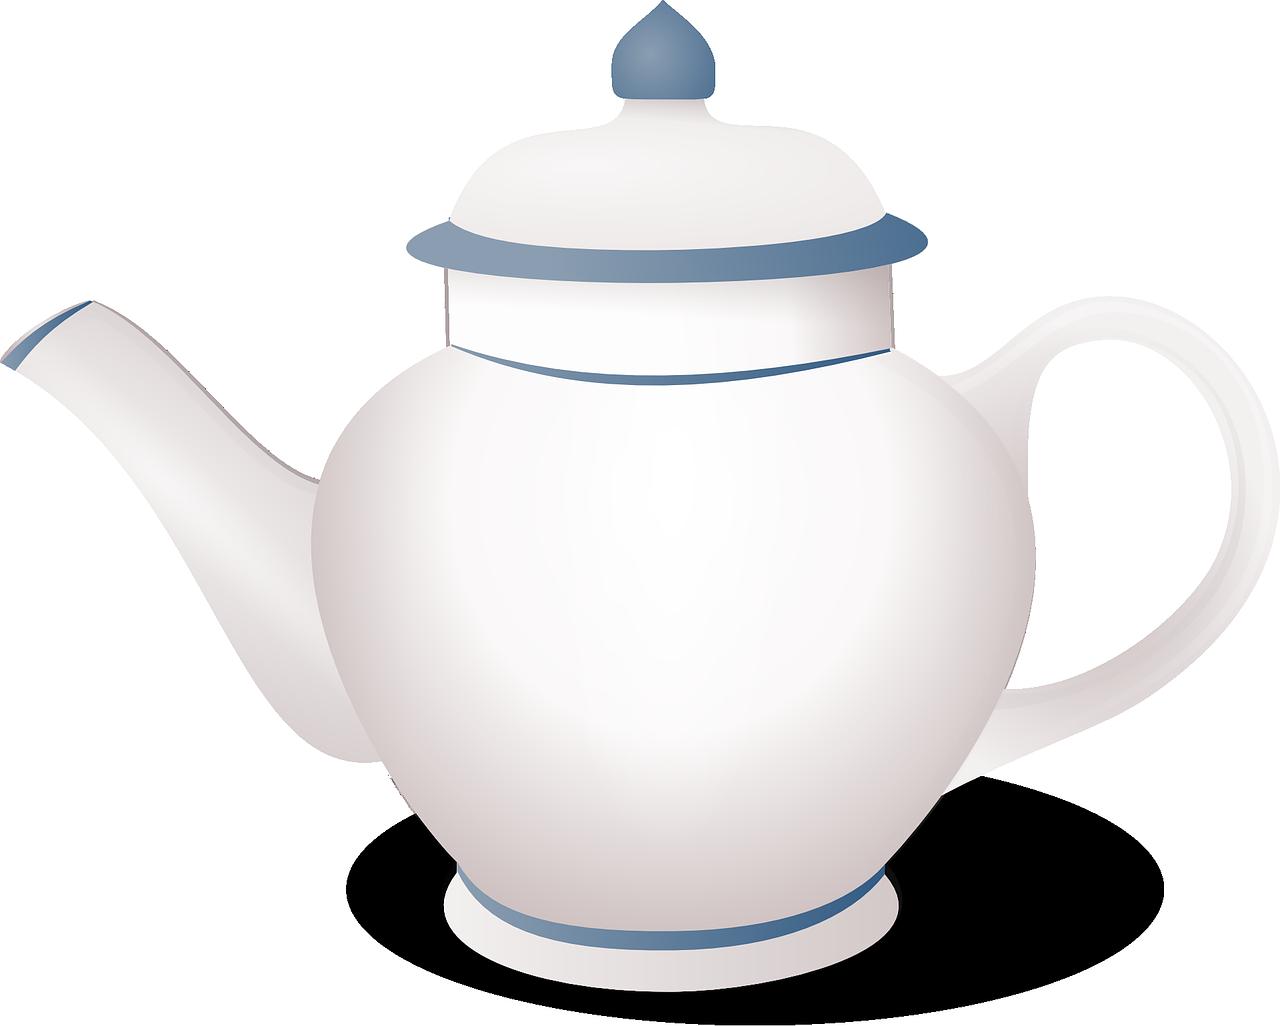 Gotowanie wody w kuchni – co wybrać? Czajnik selena, czajniki Peterhof